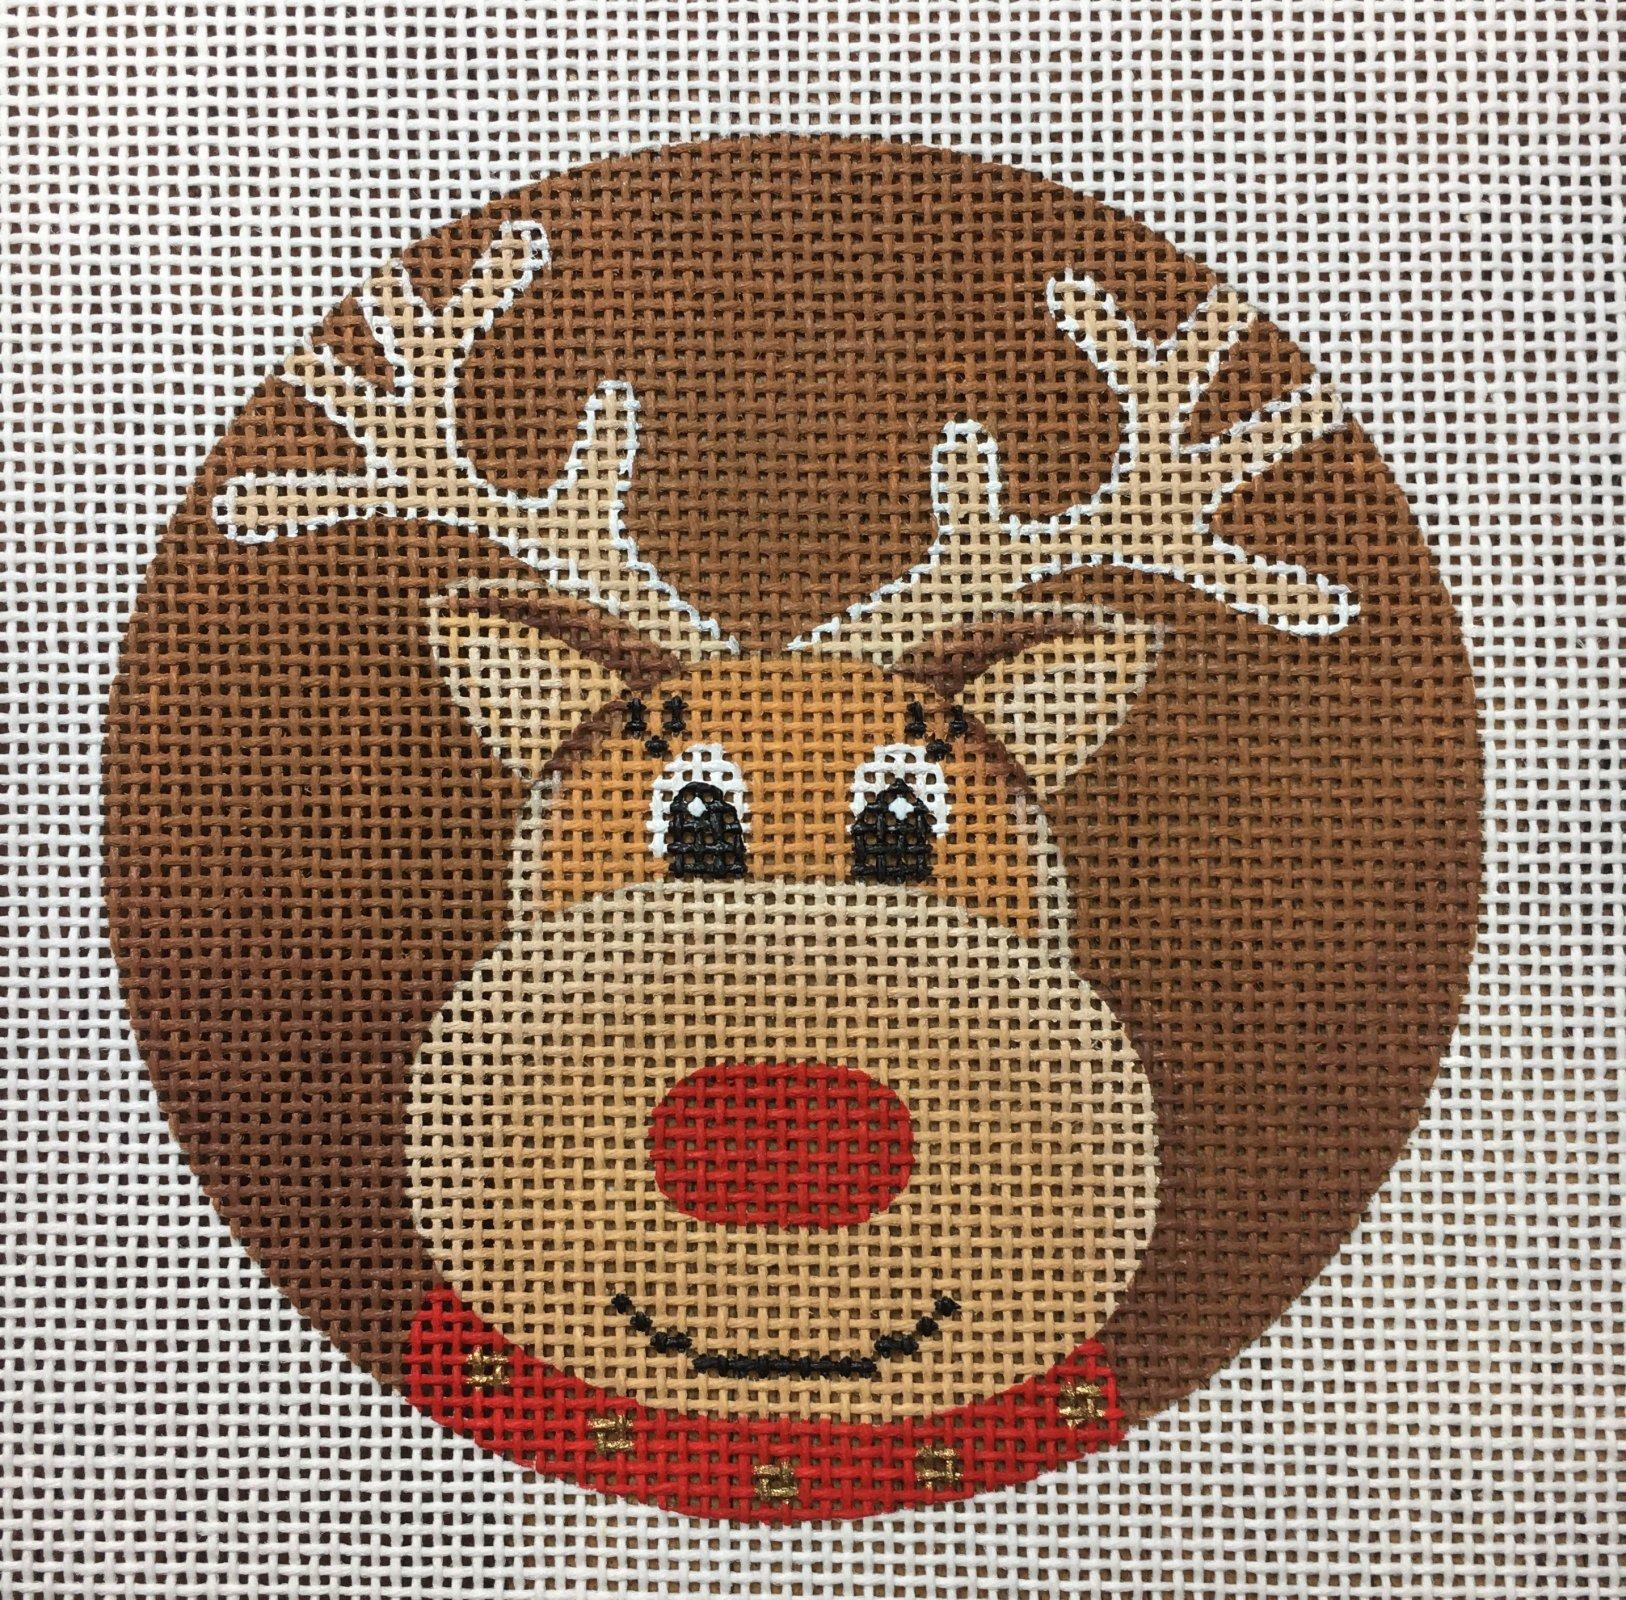 Reindeer Chubs